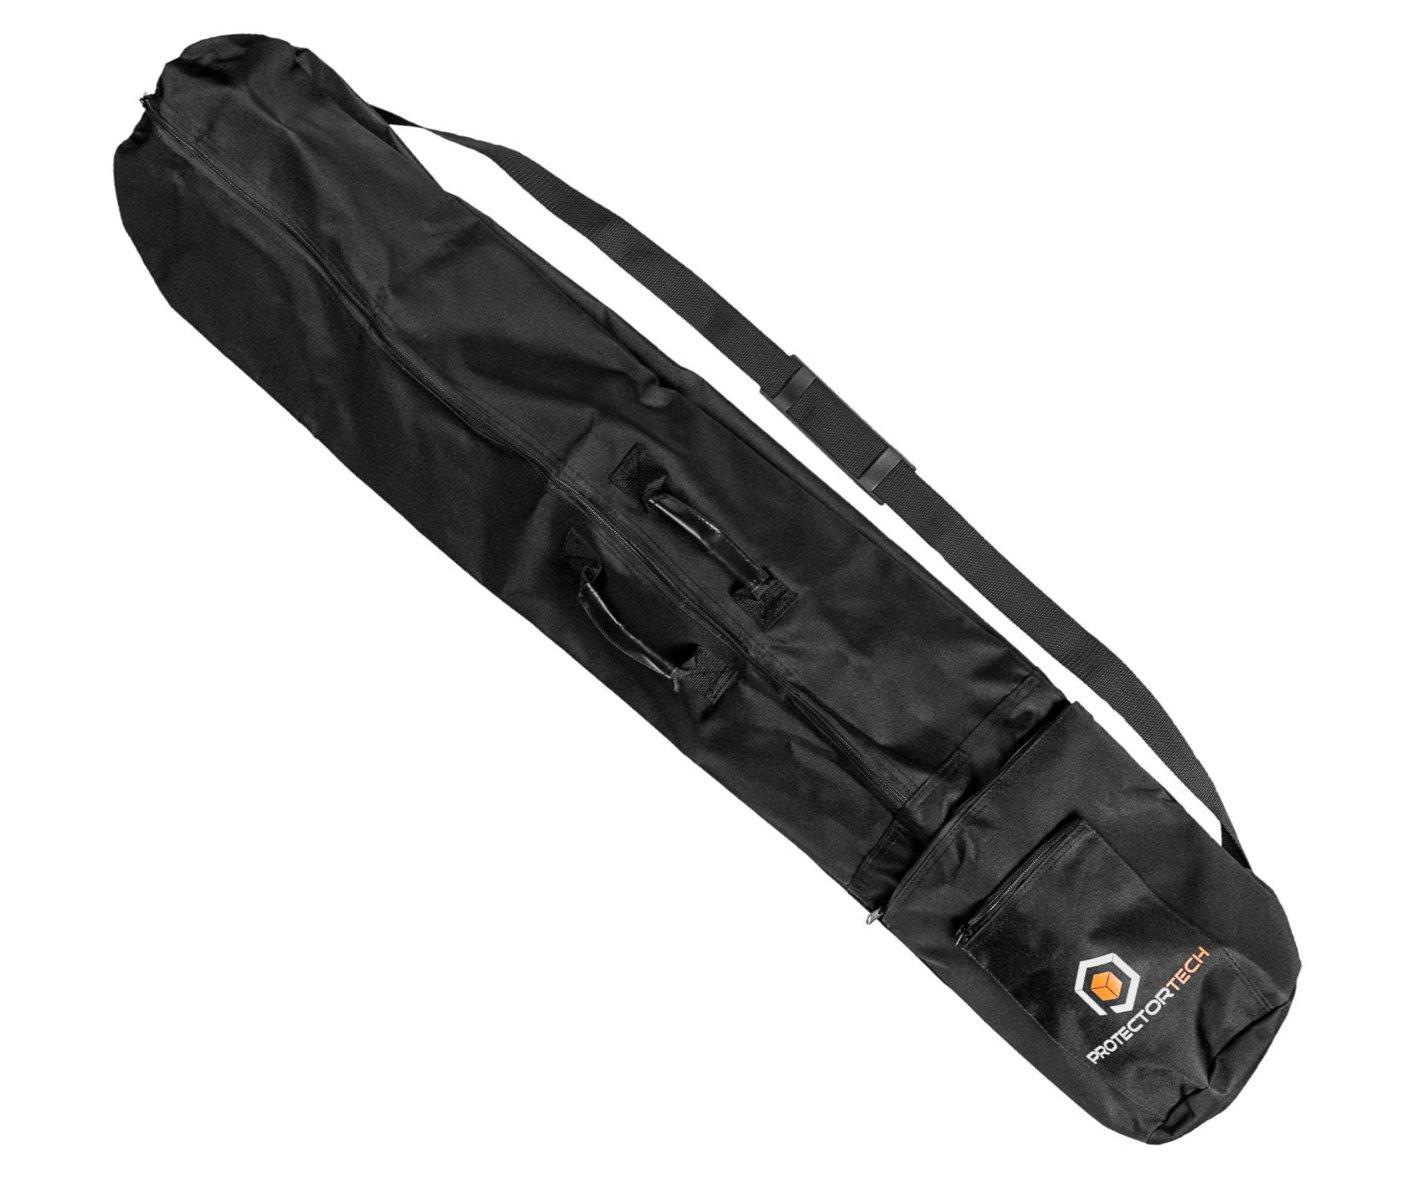 HD bolsa para detector de metal o soporte de micrófono/altavoz - 125 cm de largo: Amazon.es: Jardín